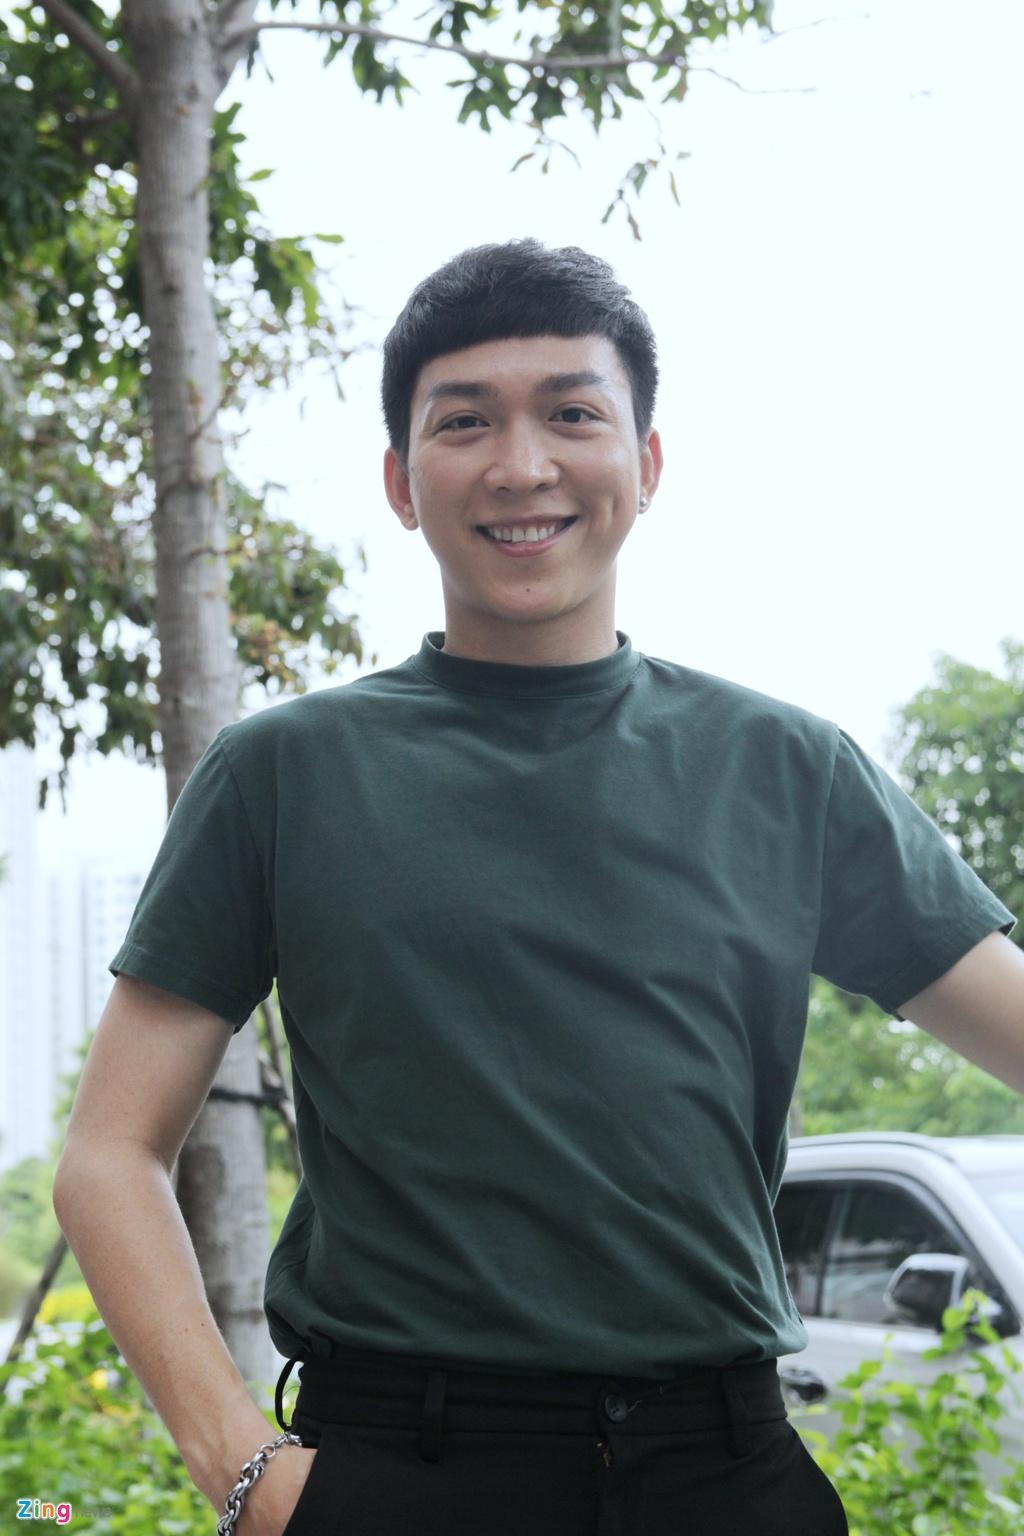 'Anh Tuan Hung noi dung nhung khong phai ai cover cung la luoi bieng' hinh anh 2 4_zing.jpeg